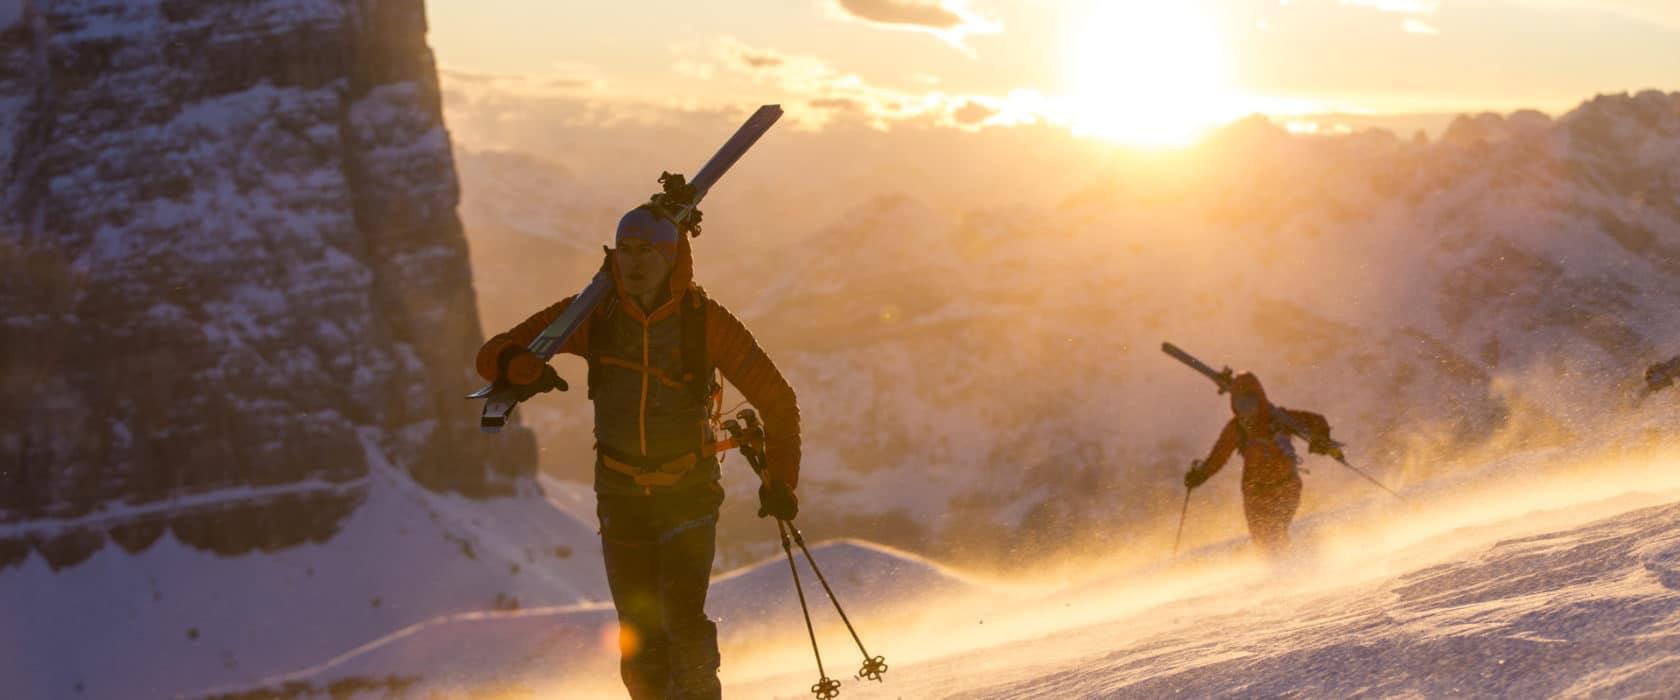 e8631da05ab83 Ski